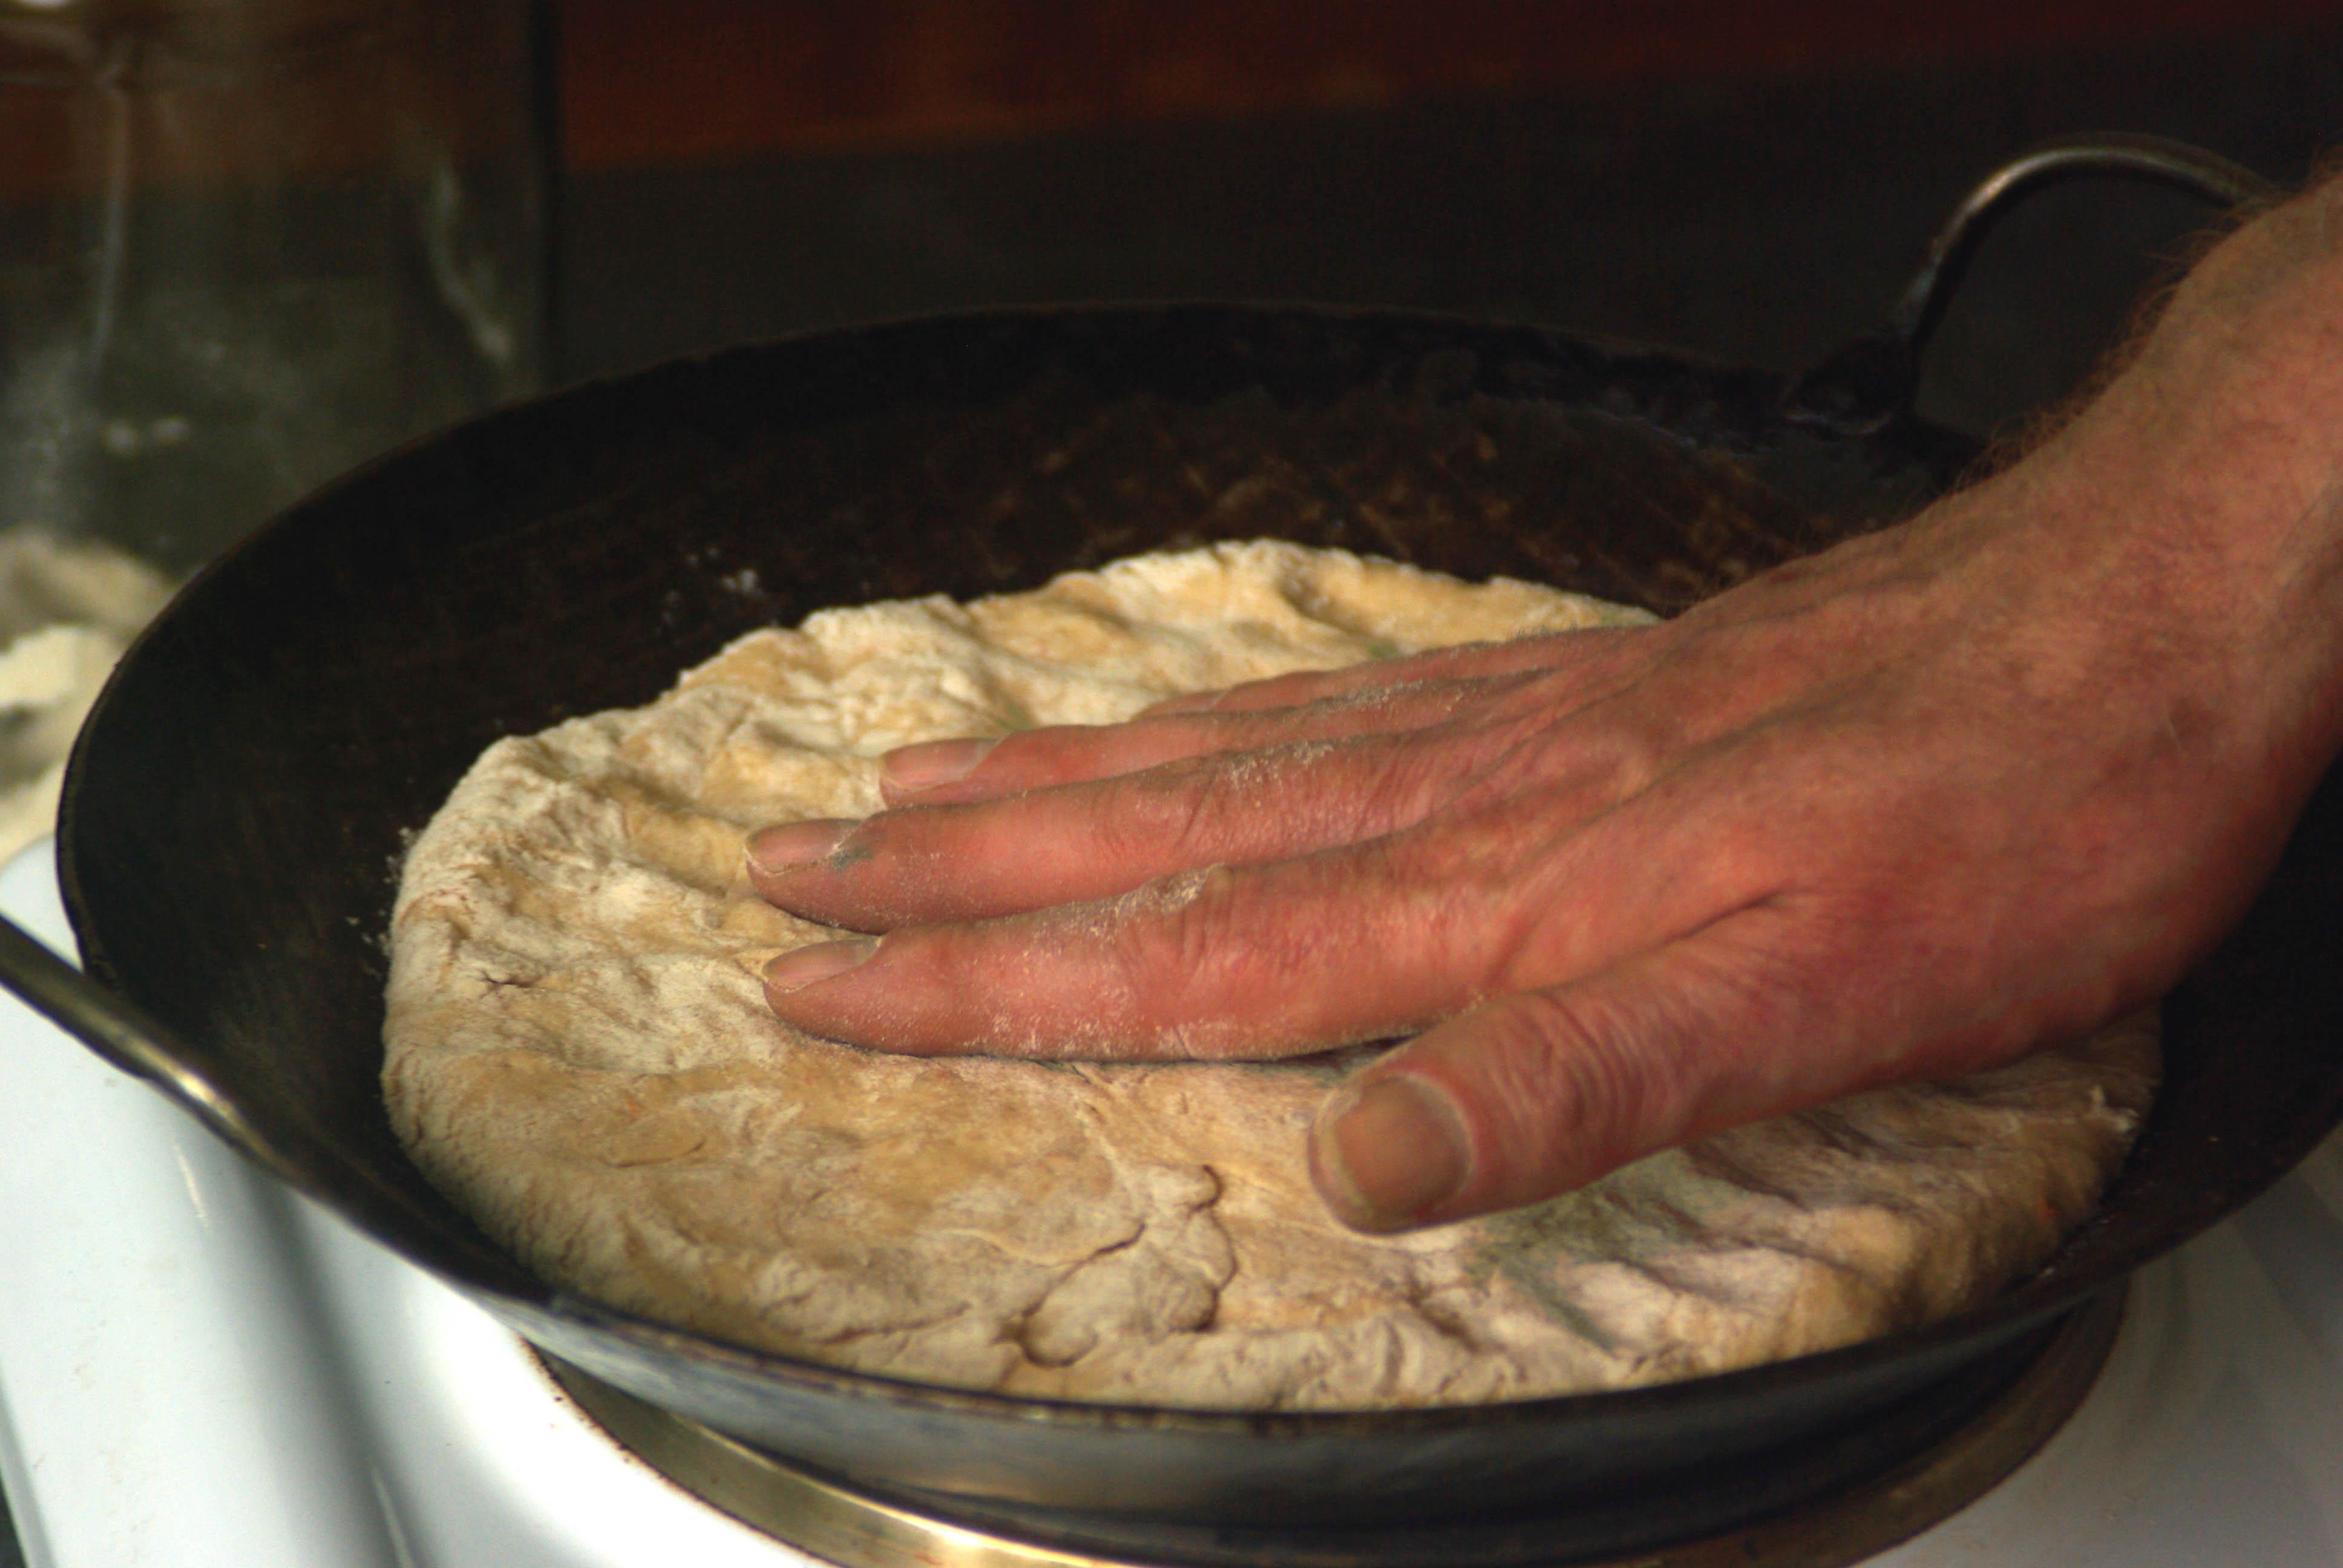 Pizzabrot aus der Eisenpfanne